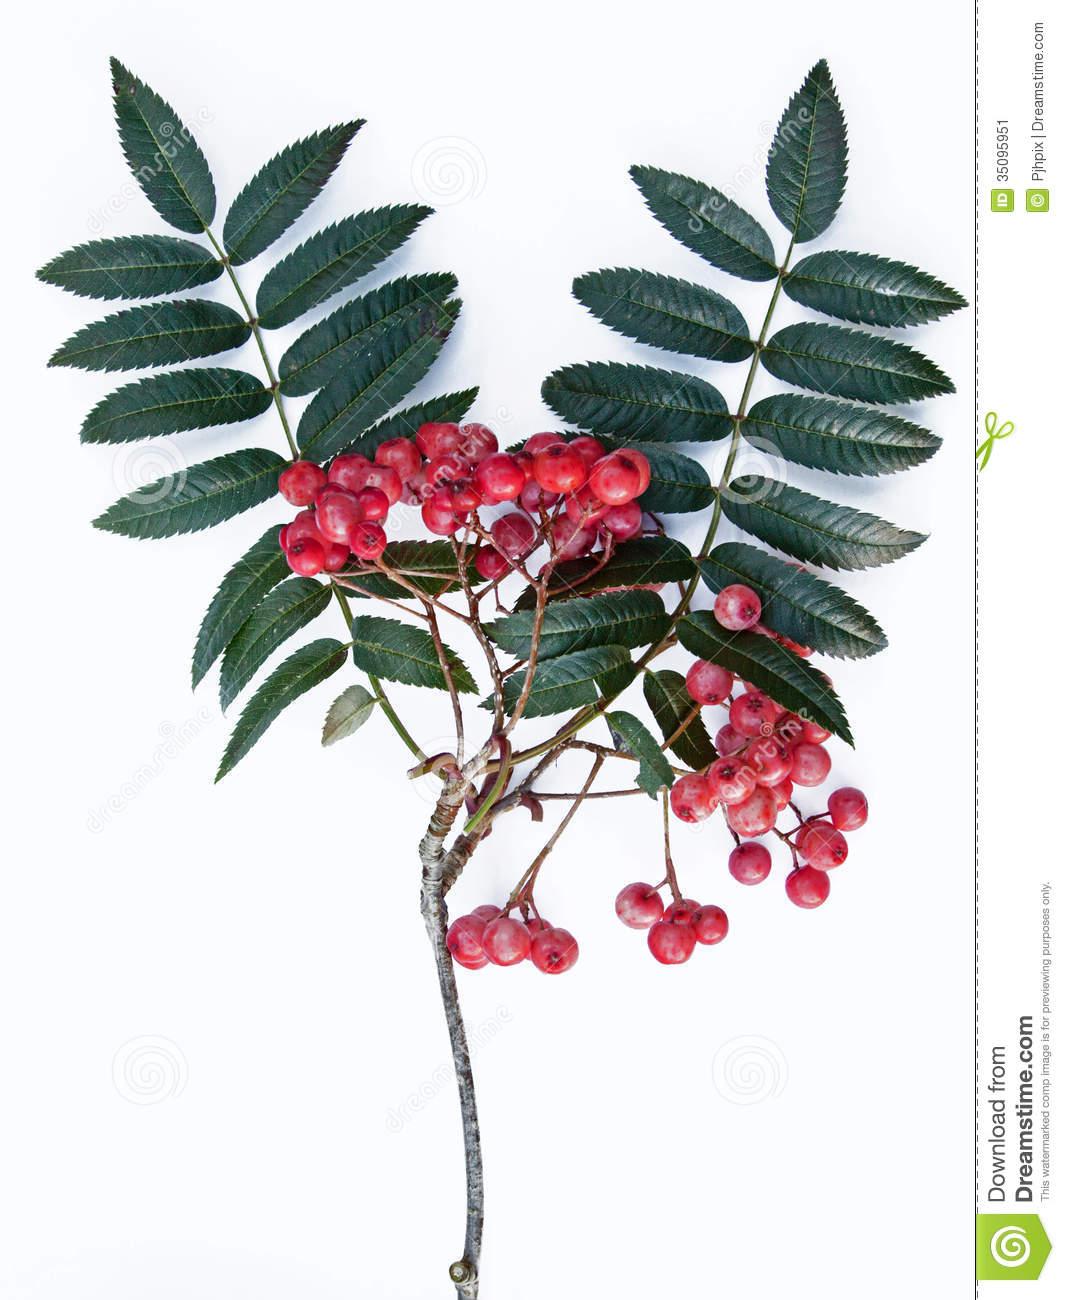 Rowan Berries (Sorbus Aucuparia) Stock Image.